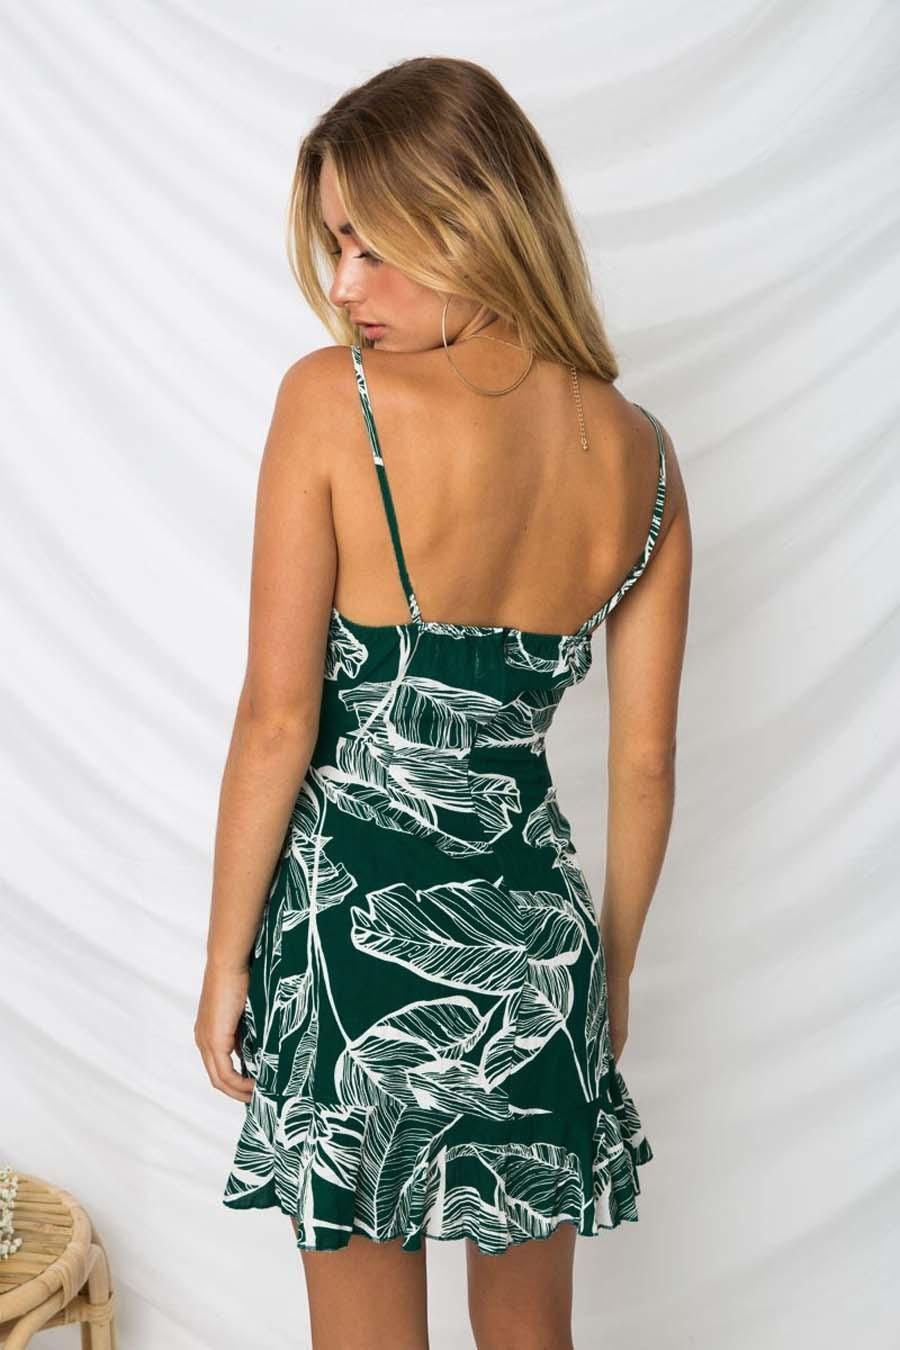 großhandel damen freizeit spaghetti bügel sommer sleeveless hippie flora  printed boho böhmischer a line kleid frau kurze kleider von dress_ch, 8,32  €